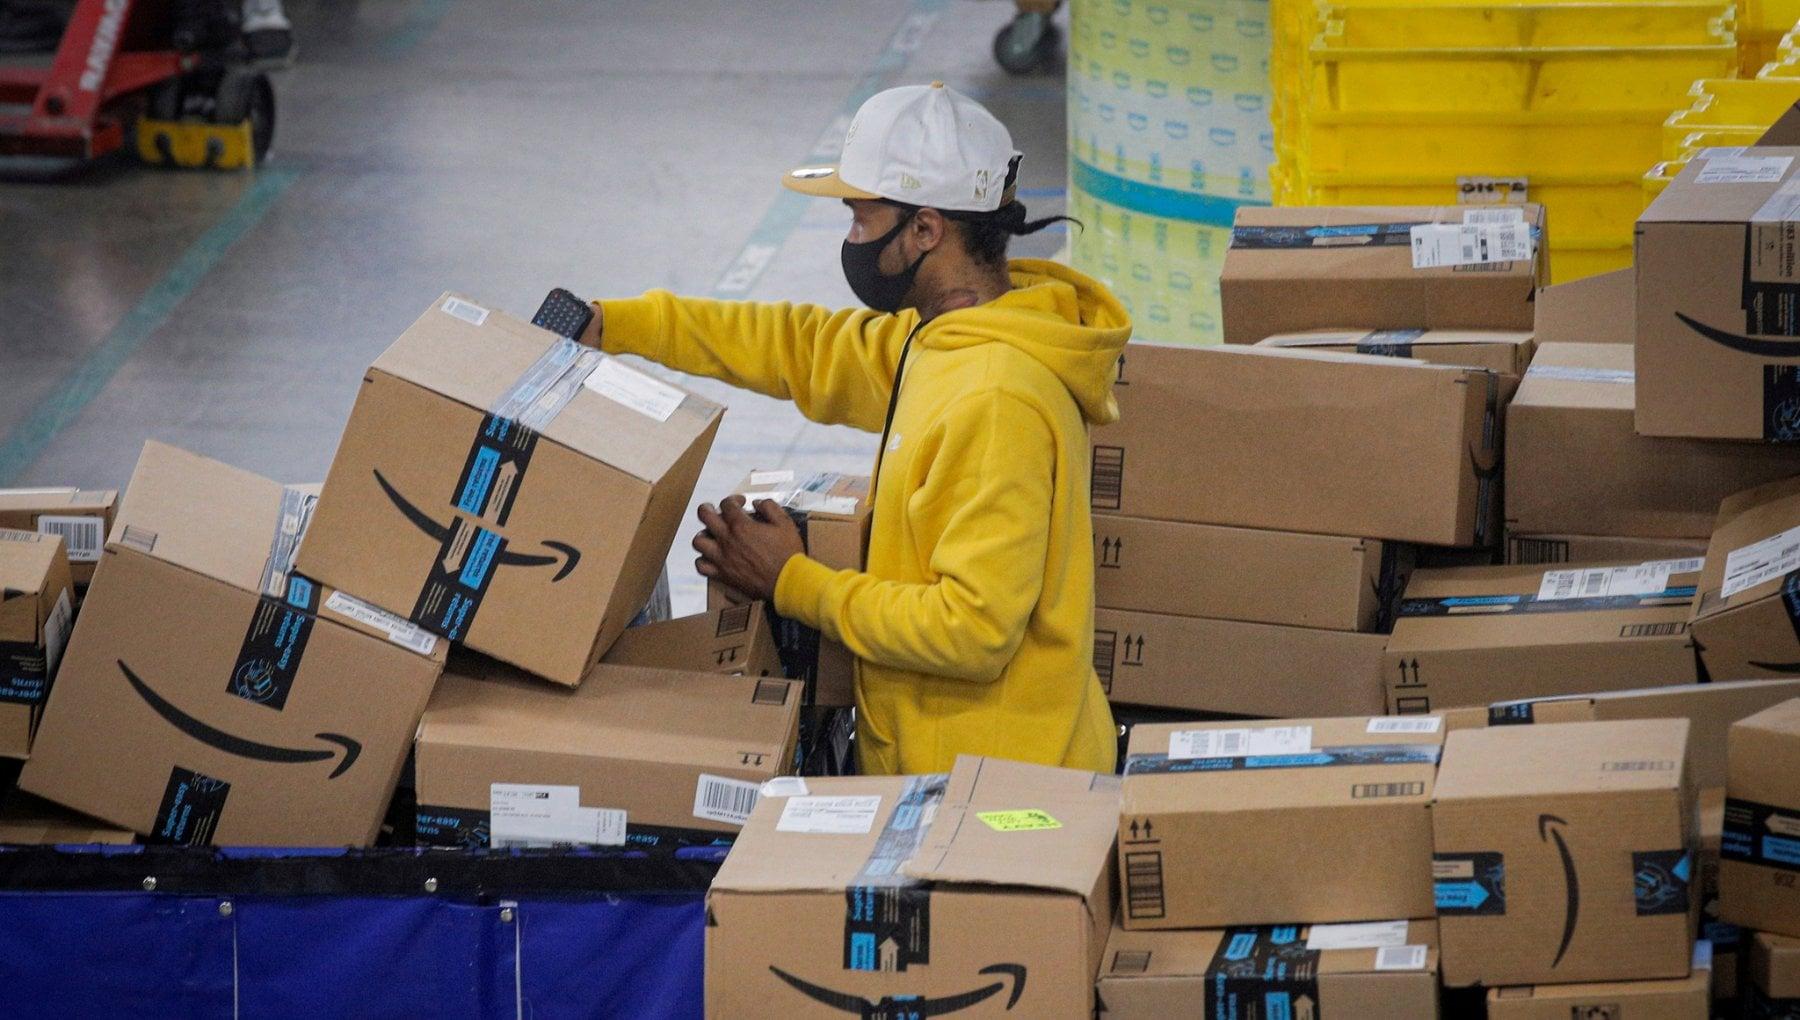 """232653796 4caa6fa3 cdff 4c5b b0e4 60606a808769 - Oggi lo sciopero Amazon, parlano i lavoratori: """"Ecco perché vi chiediamo di non comprare per 24 ore"""""""